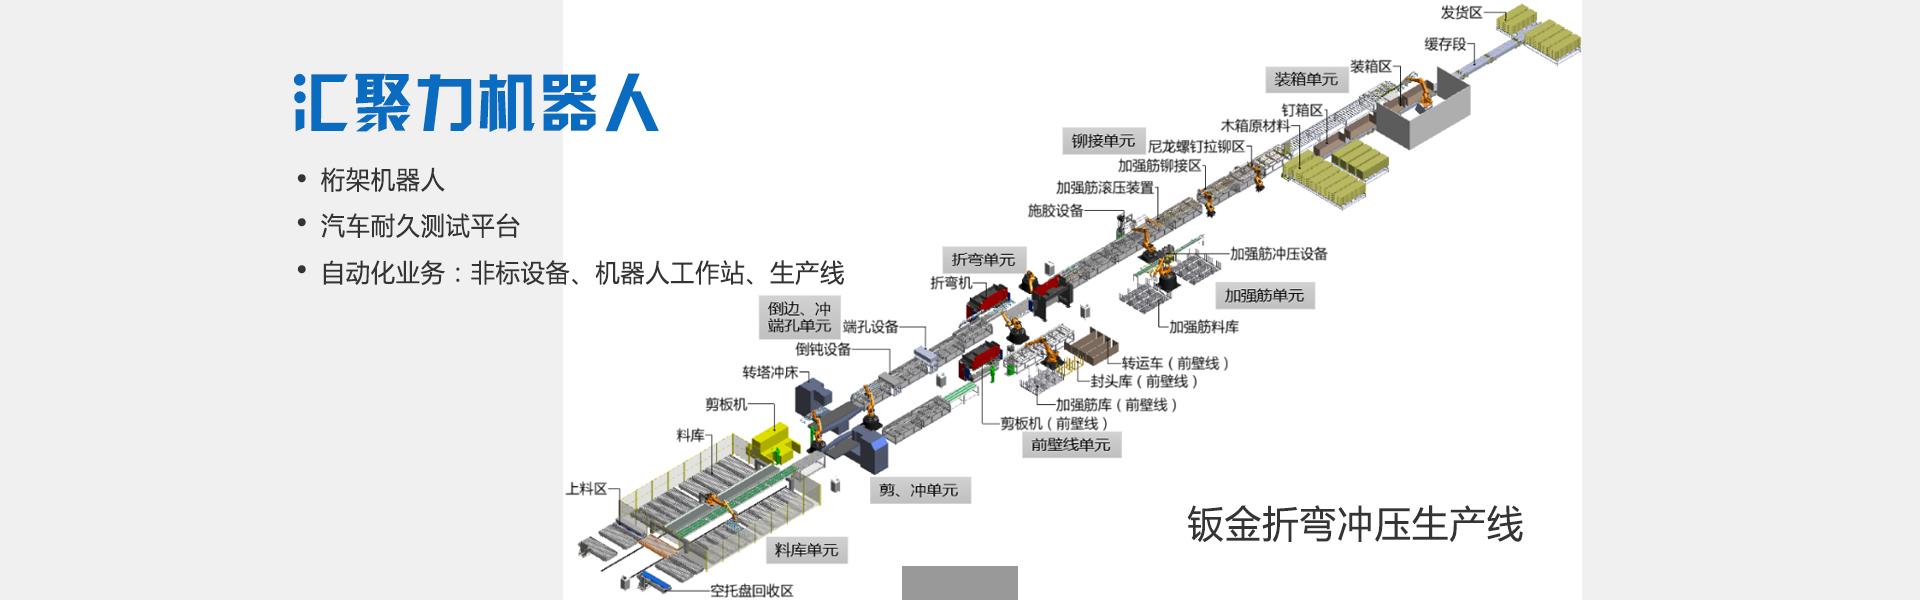 汇聚力机器人 桁架机器人 汽车耐久测试平台 自动化业务:非标设备、机器人工作站、生产线